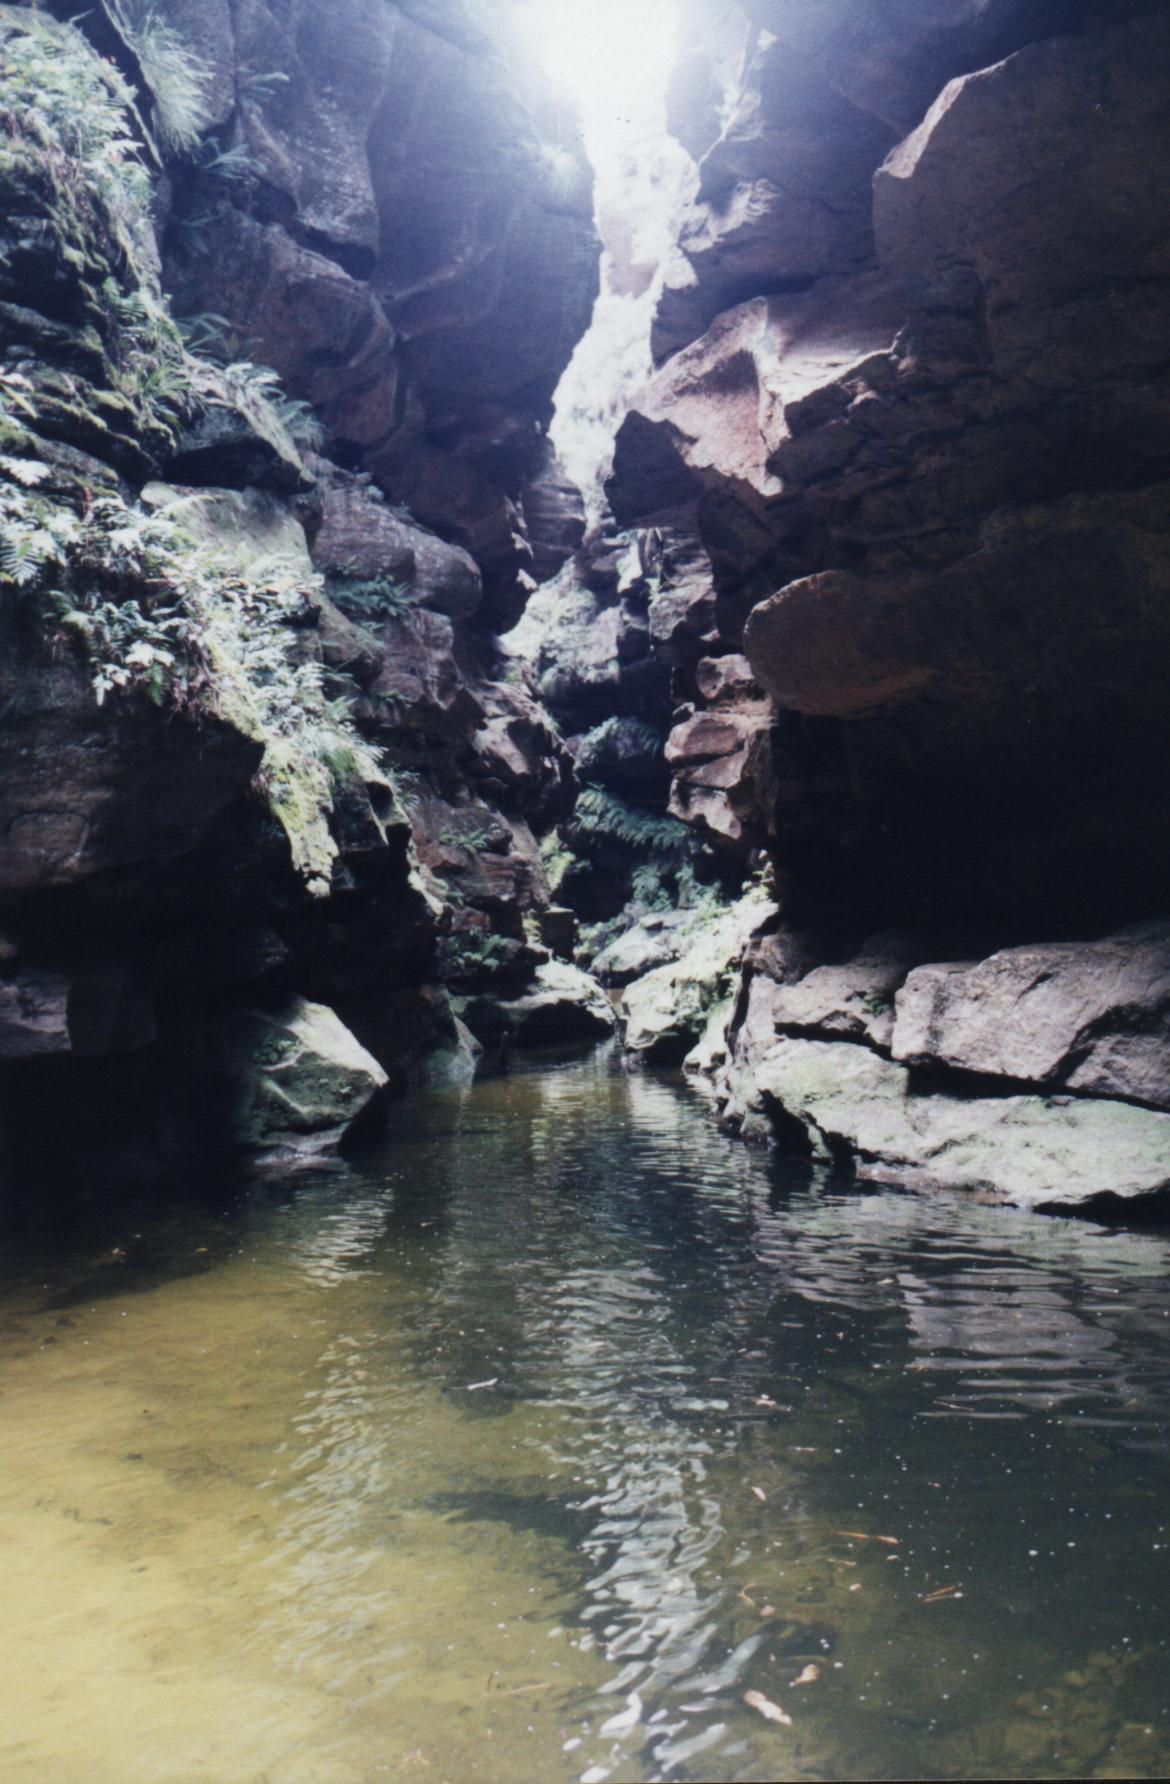 The Bungleboori